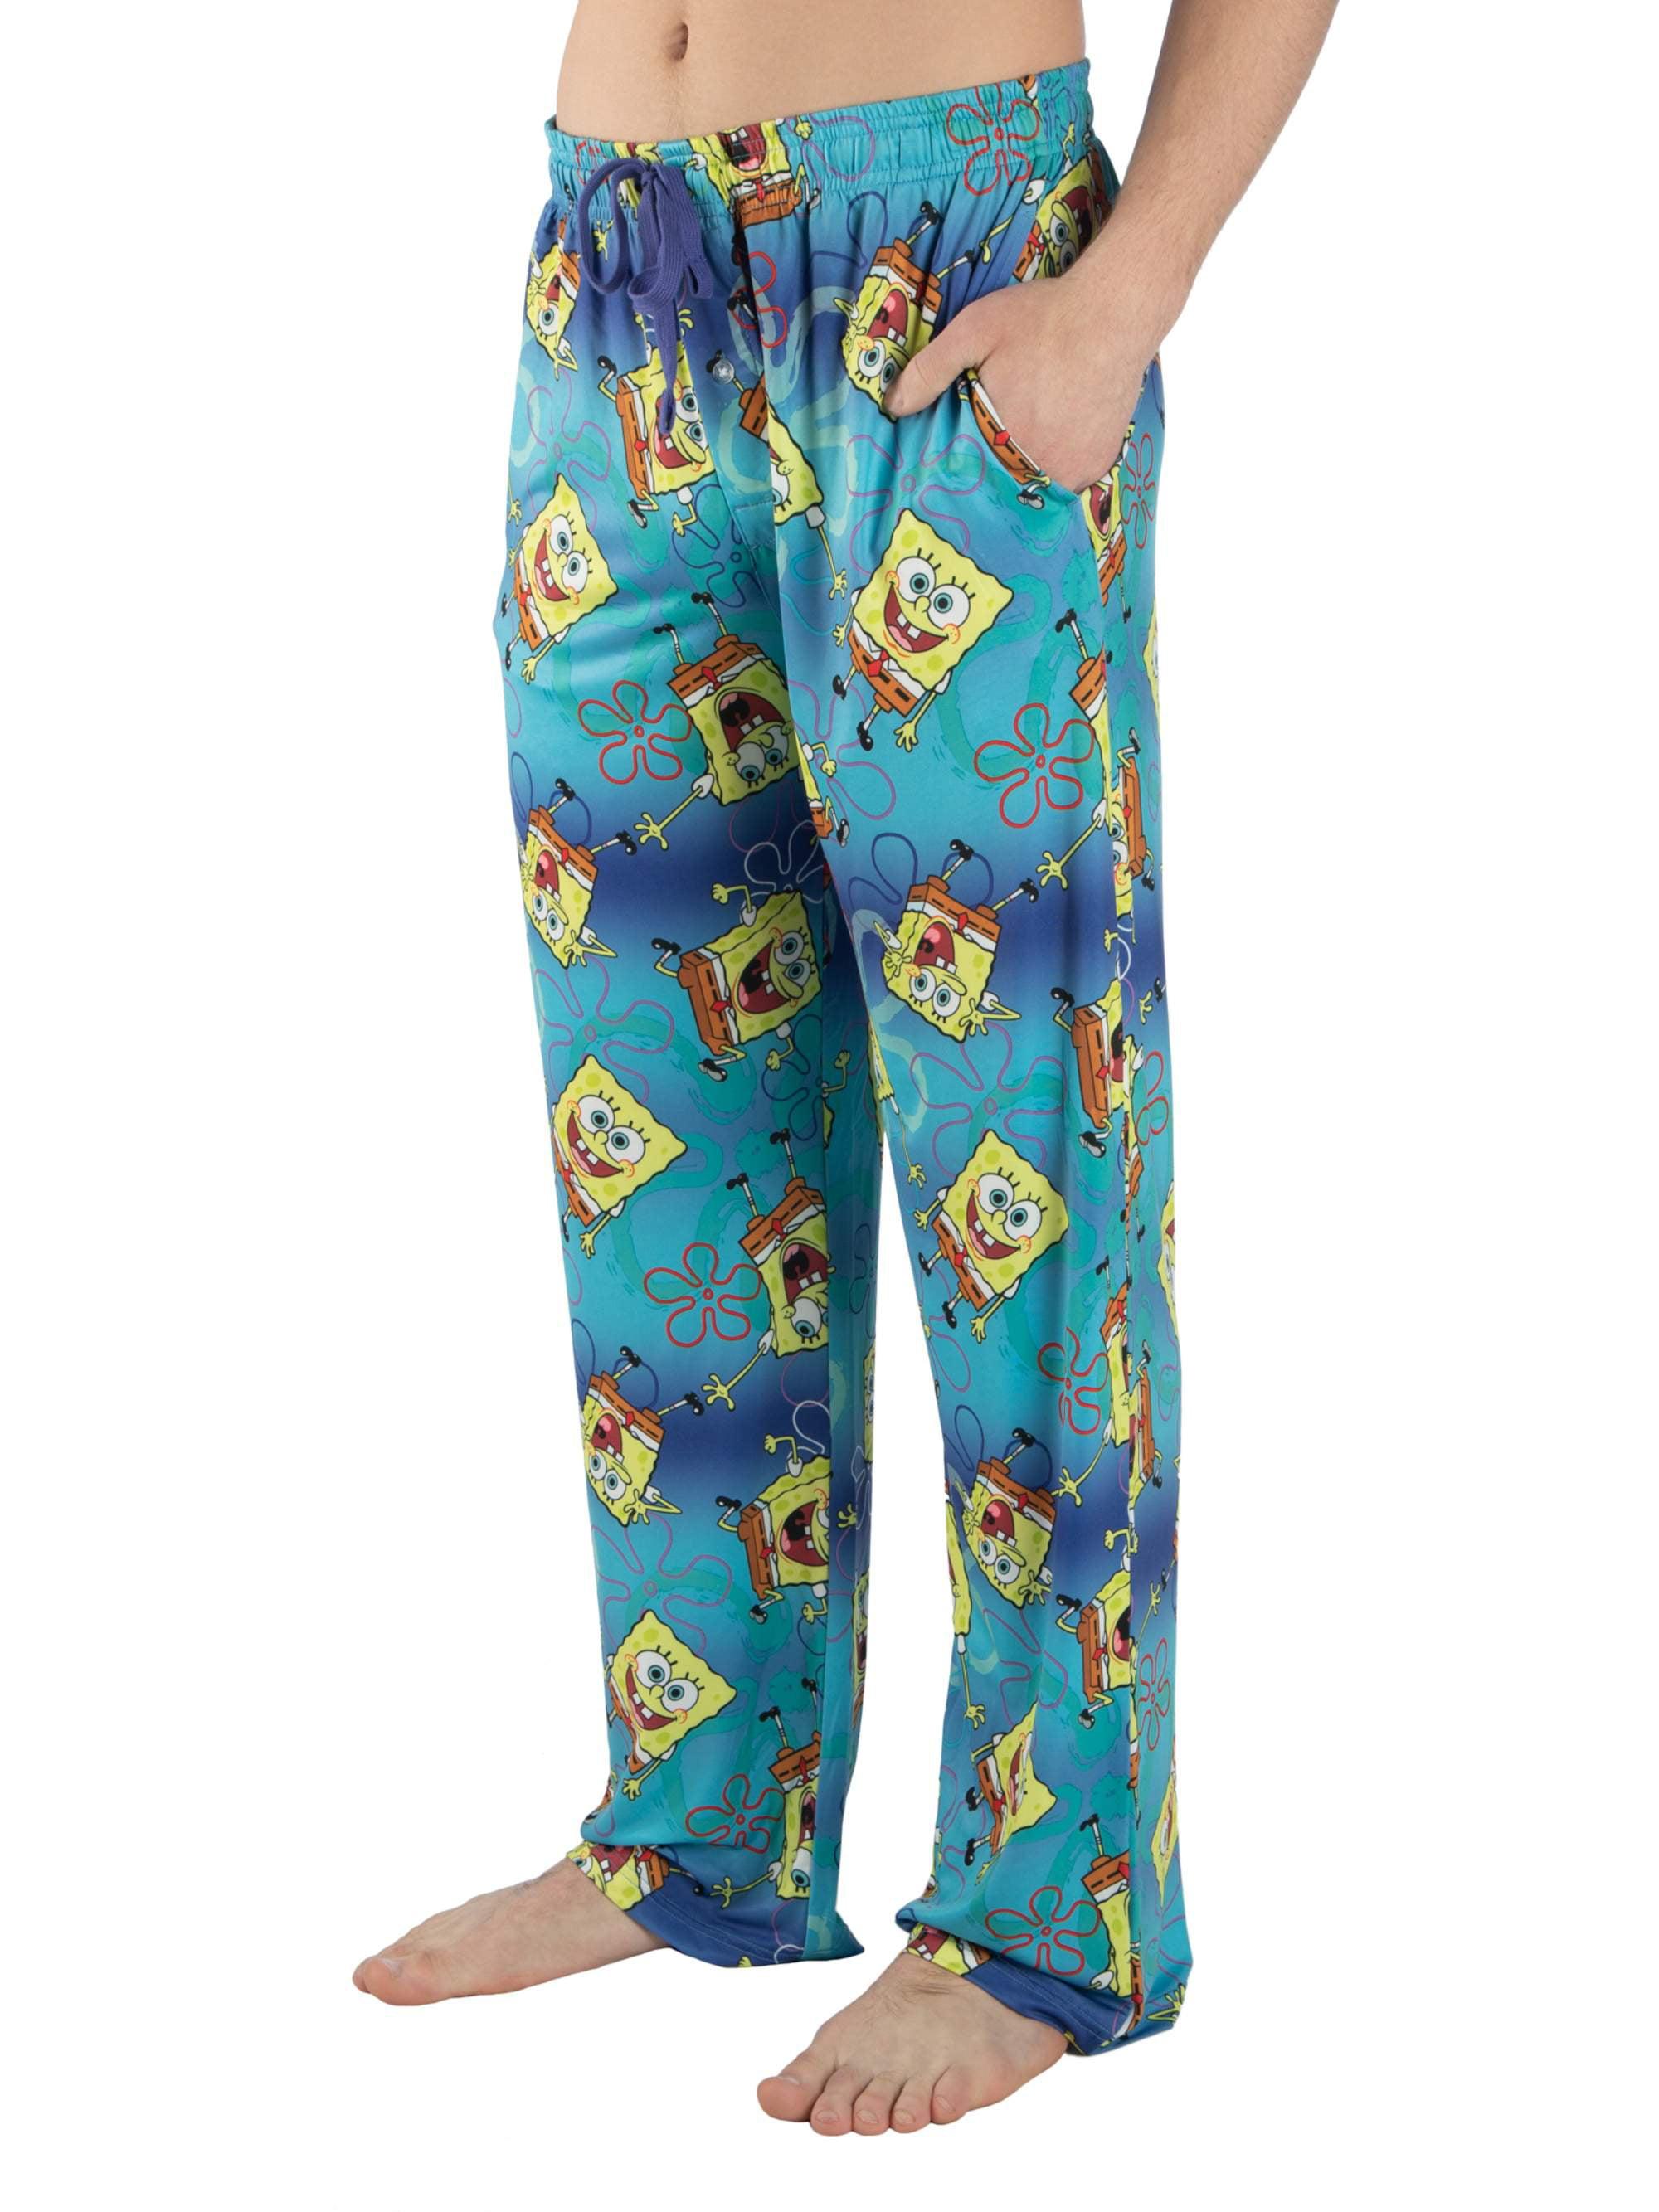 Nickelodeon Men's Spongebob Squarepants Print Pajama Lounge Pant